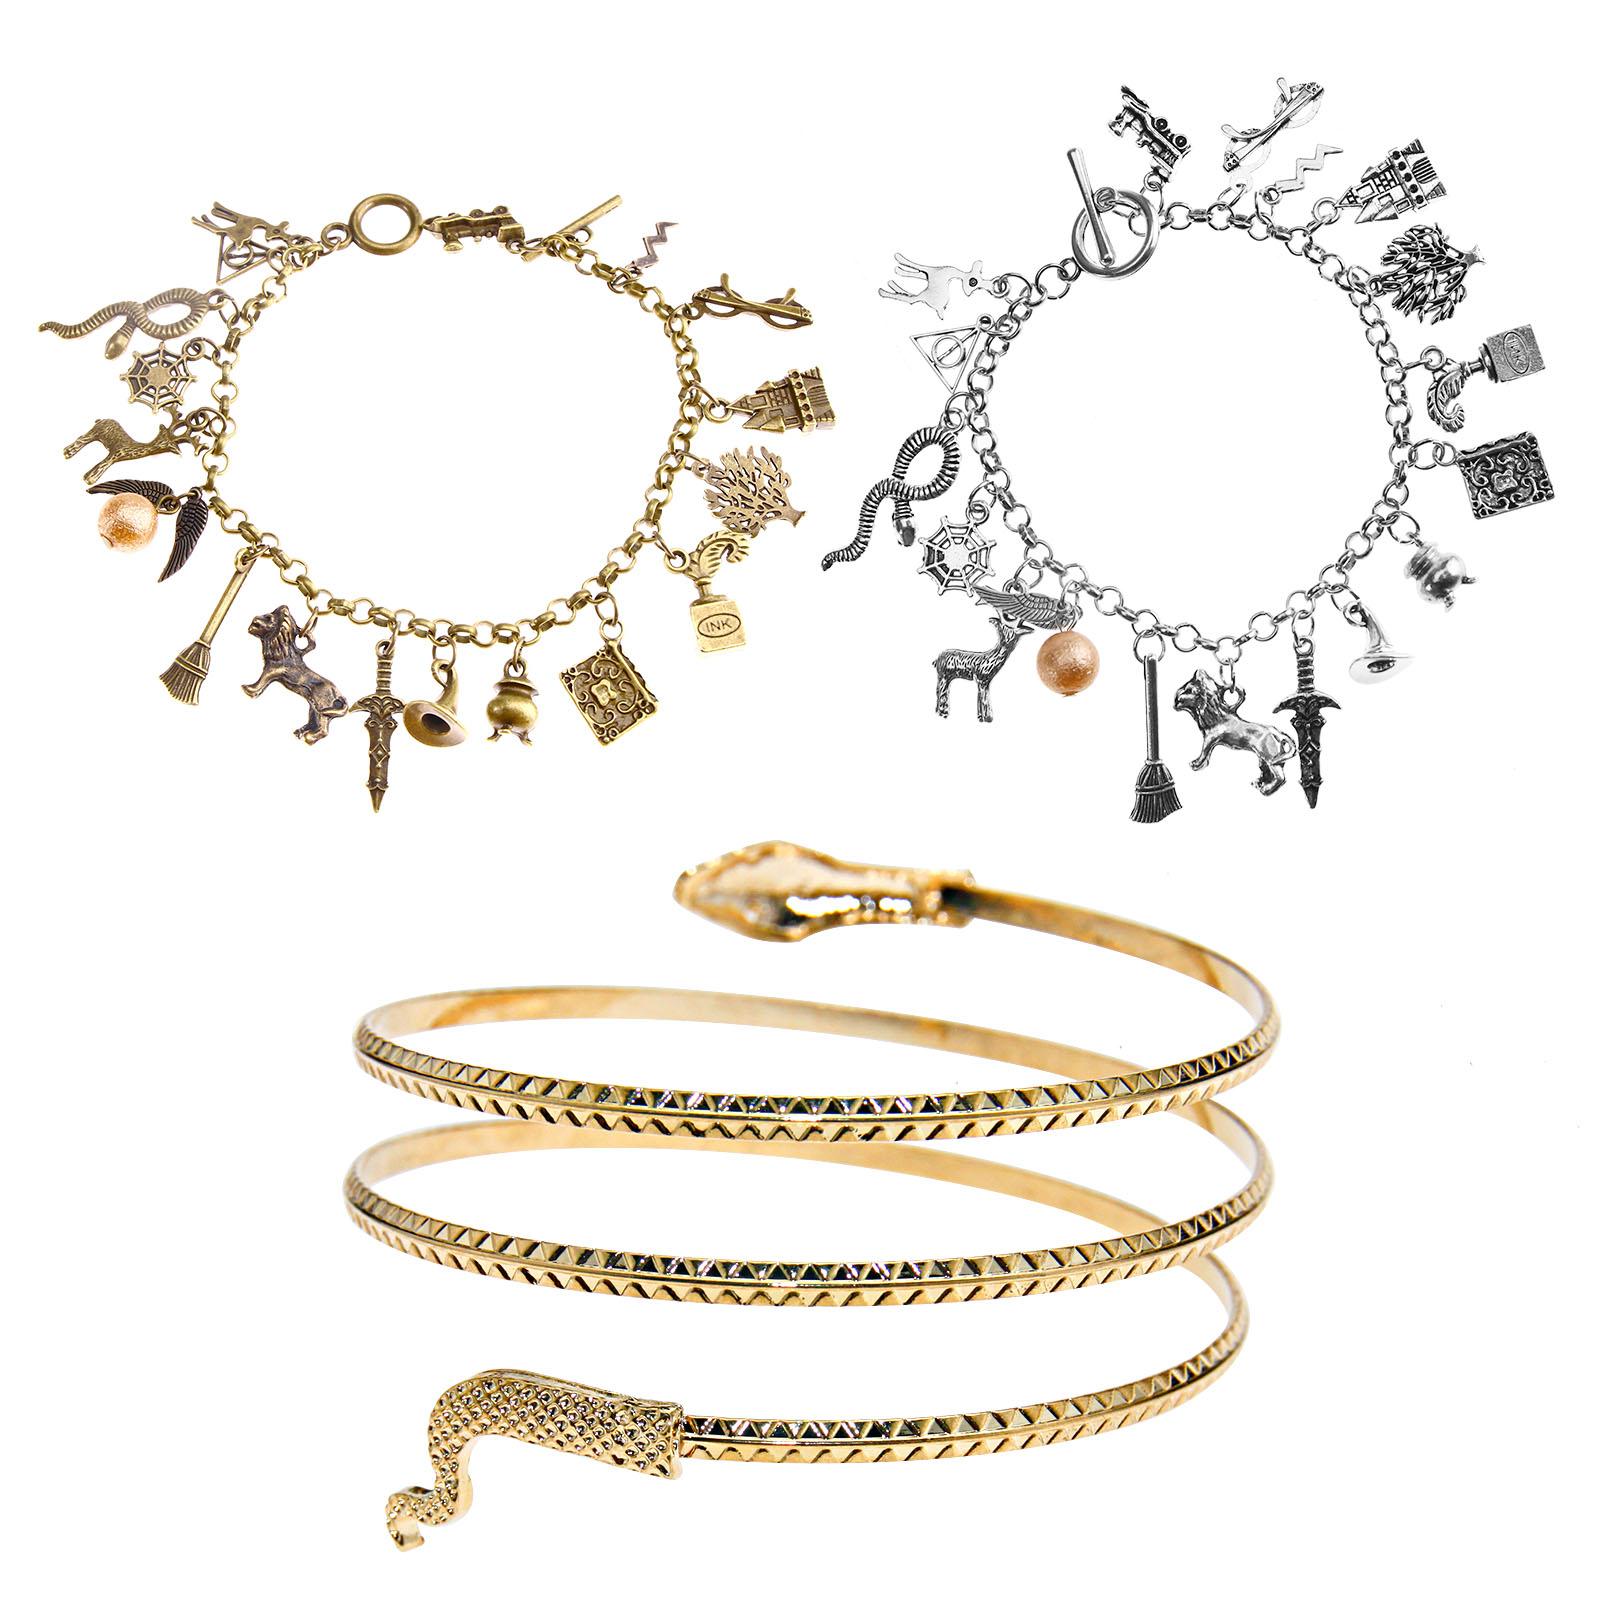 Gold/Silber Armreif Bracelet Schmuck Geschenk Oberarmreif Armband ...